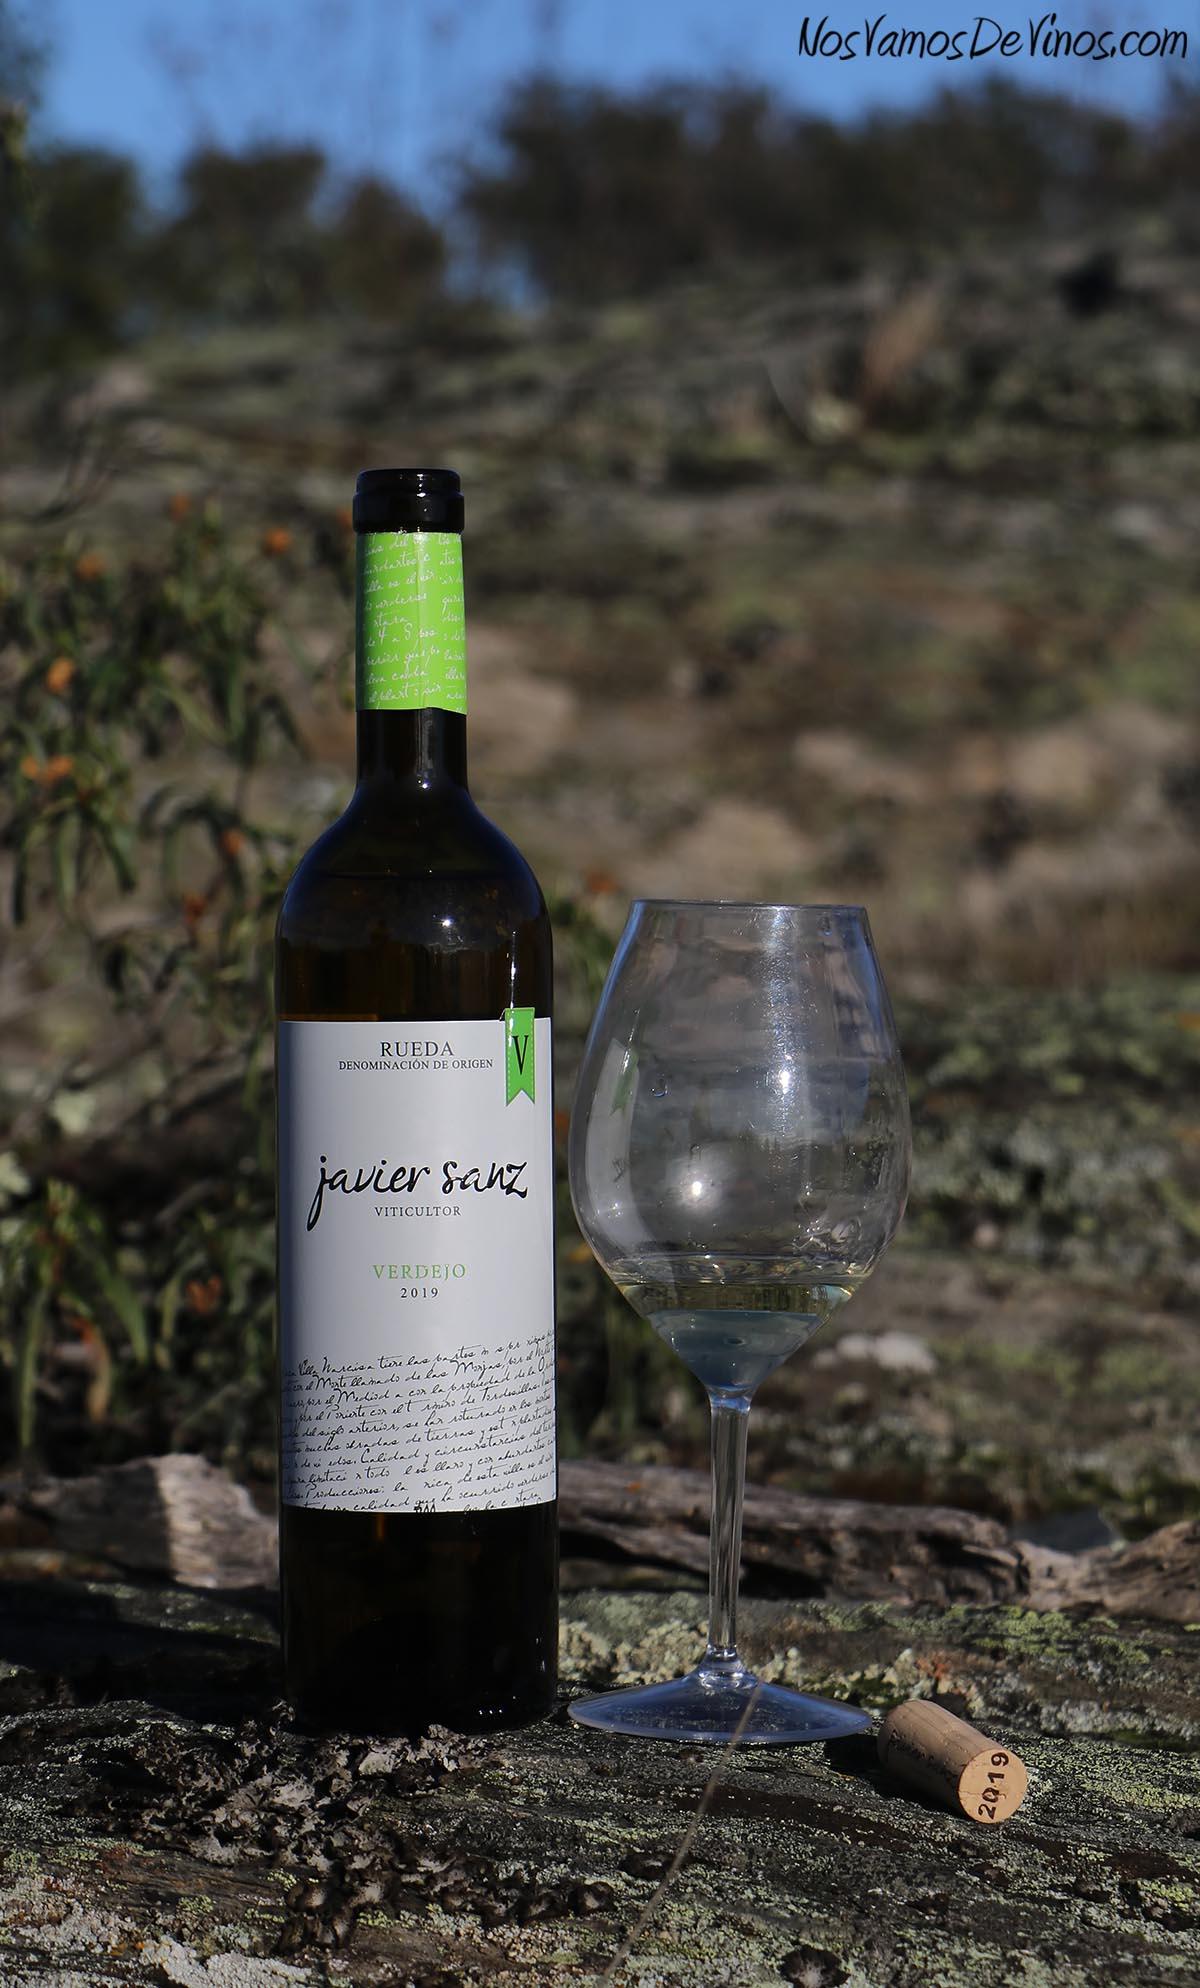 Javier Sanz Viticultor Verdejo 2019